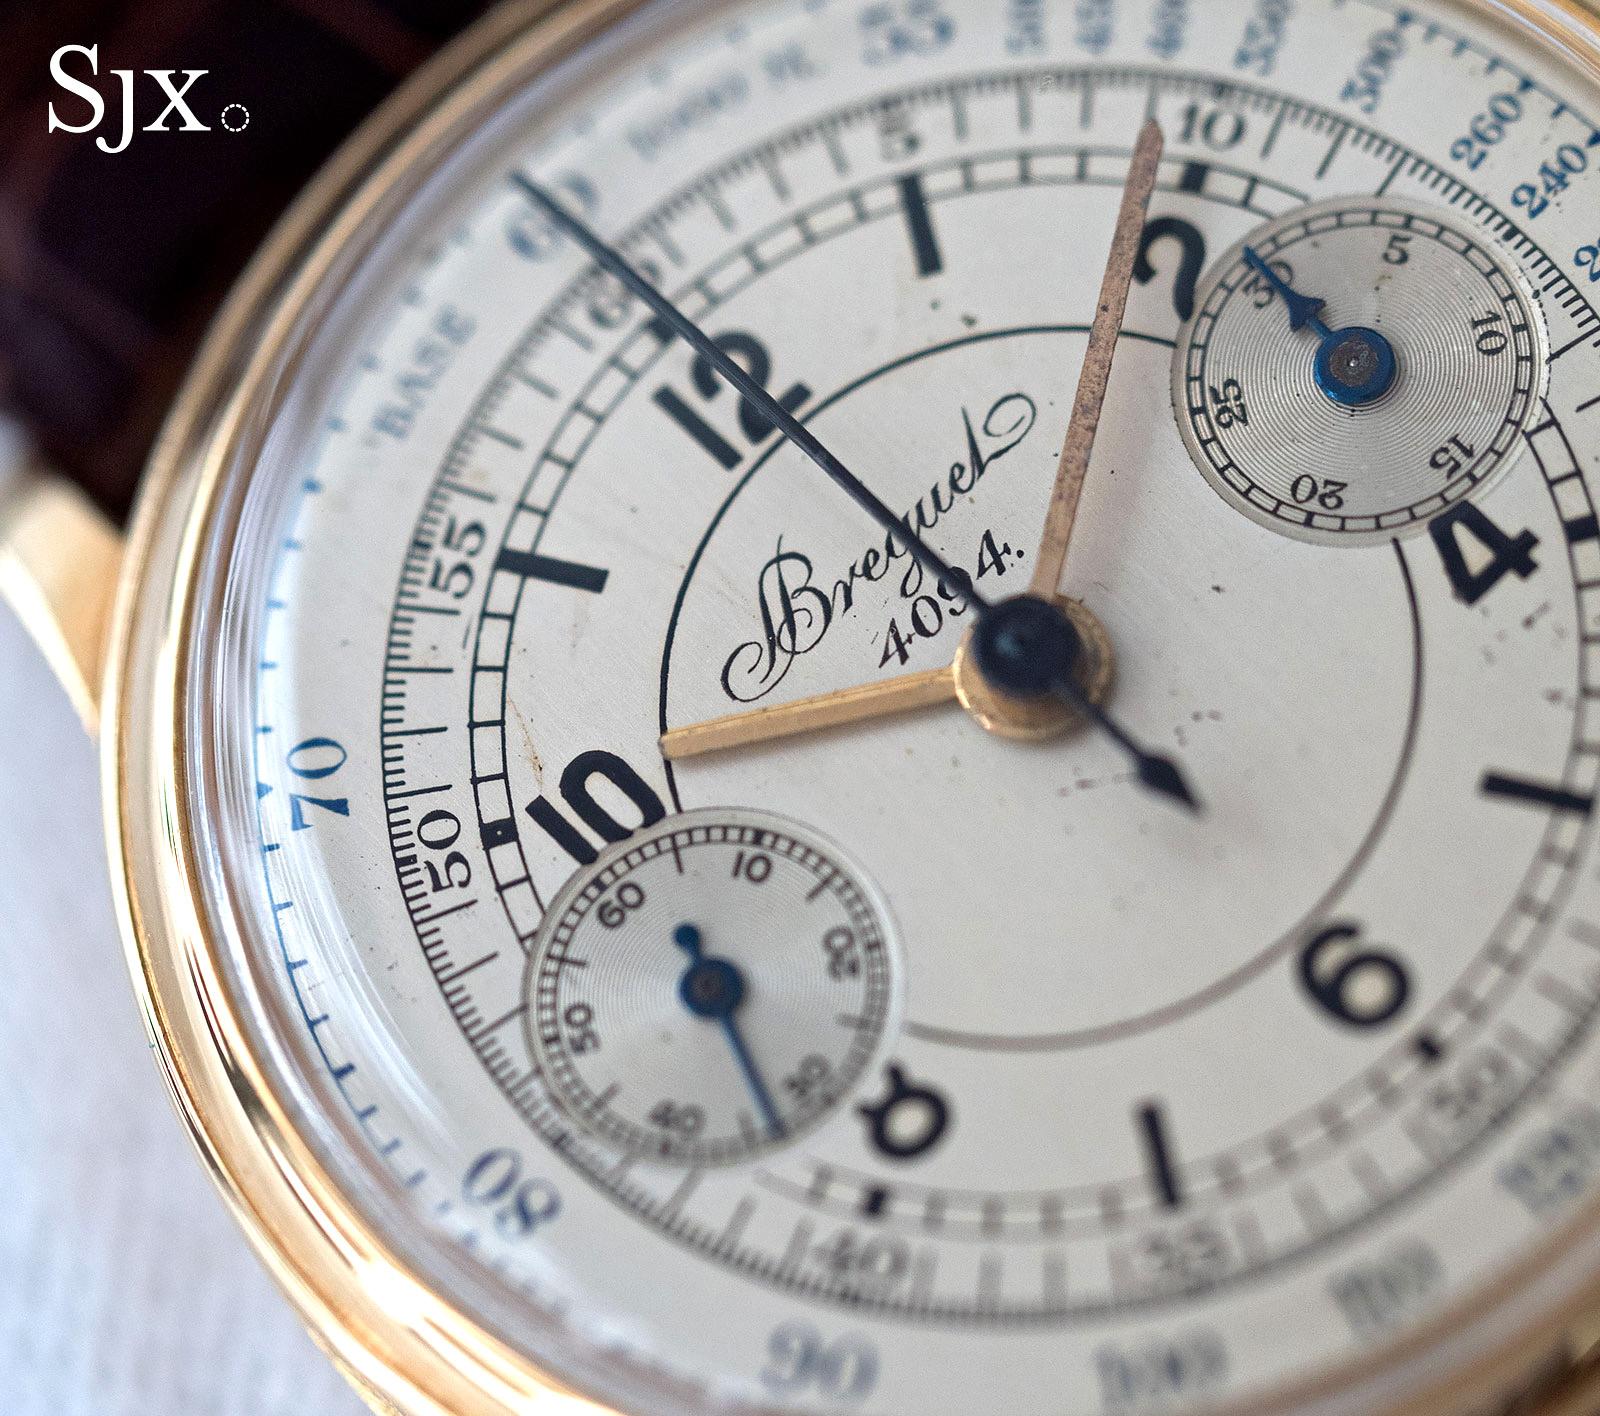 Breguet chronograph sector dial 6